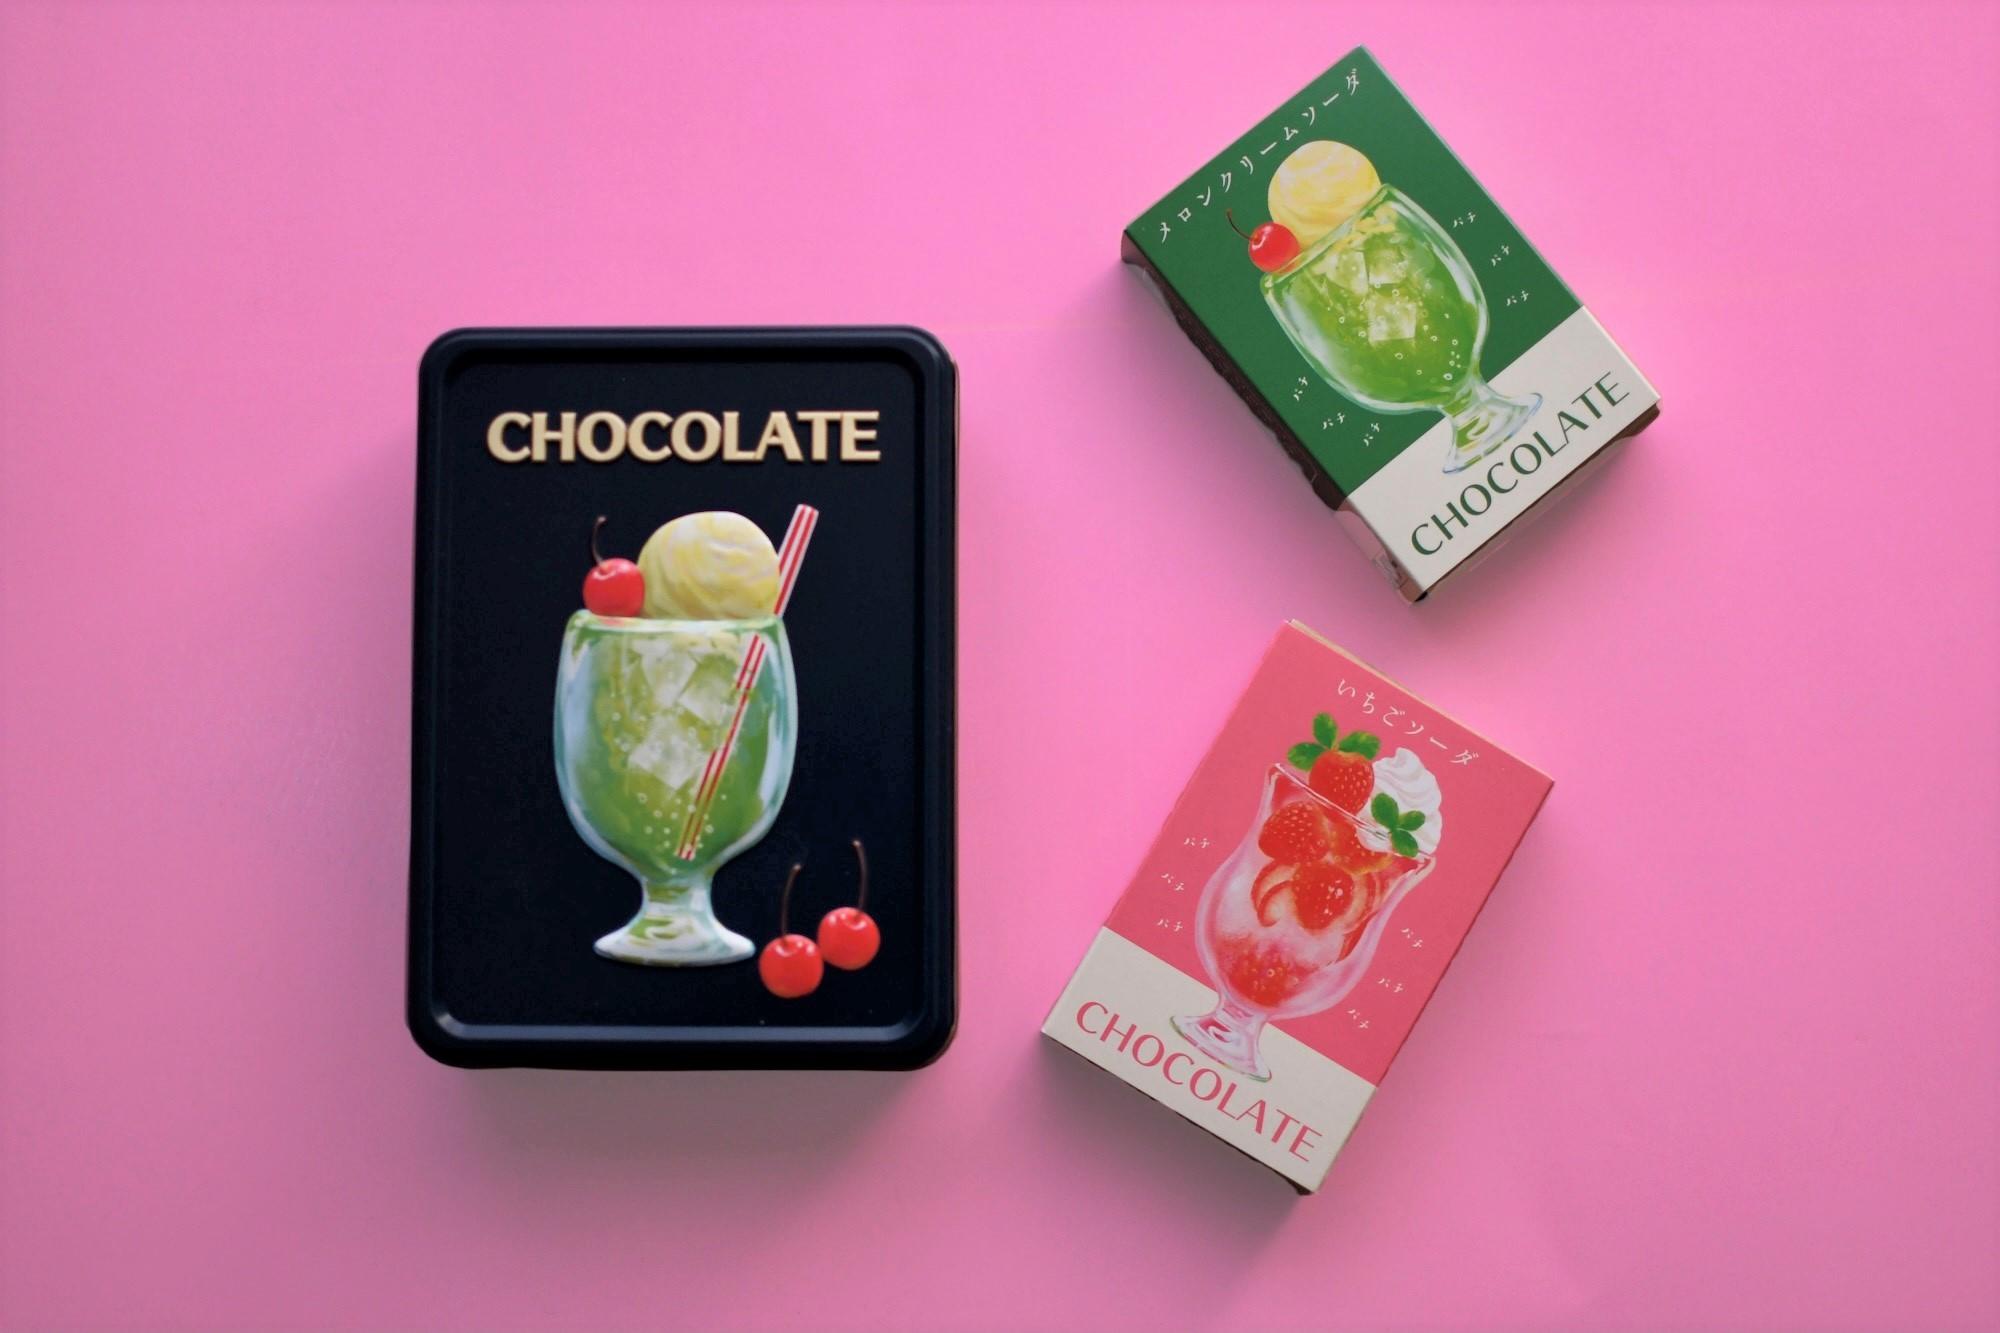 【メリーチョコレート】の「はじけるキャンディチョコレート 」アソートメント缶&メロンクリームソーダ味&いちごソーダ味